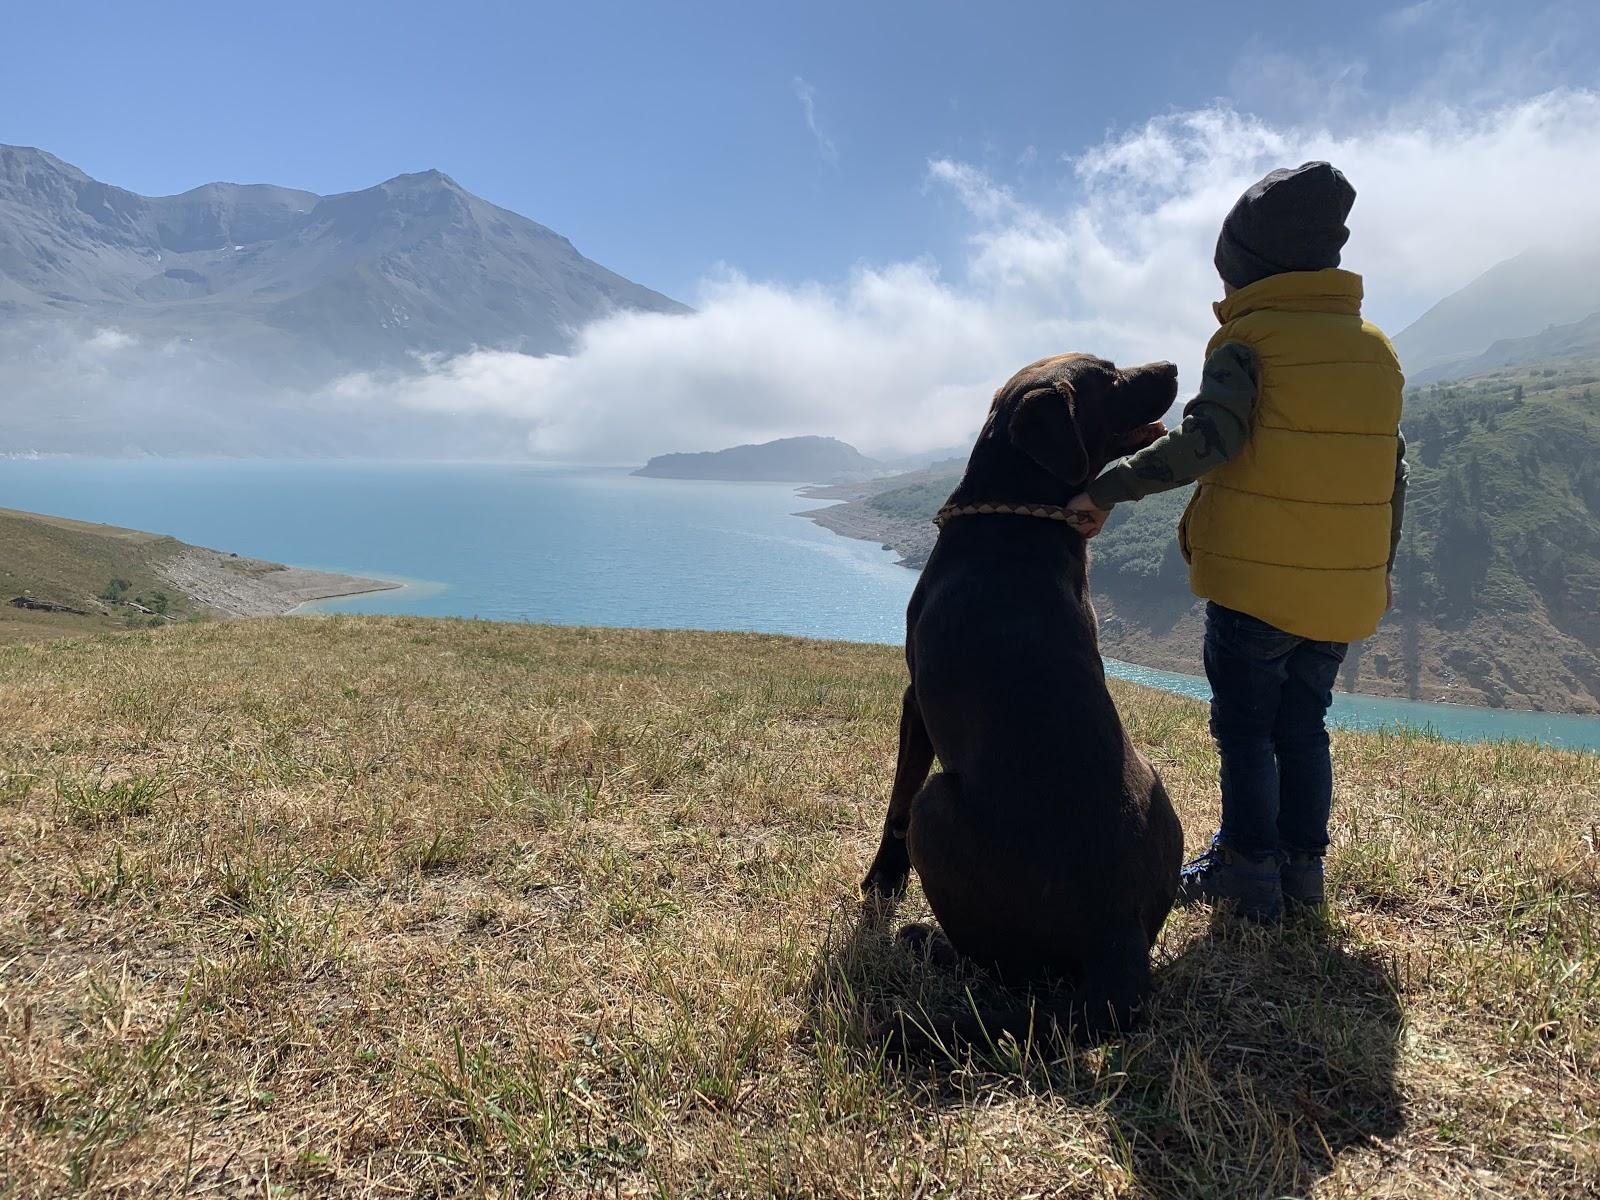 Junge steht mit Hund in der Natur und blickt auf Stausee